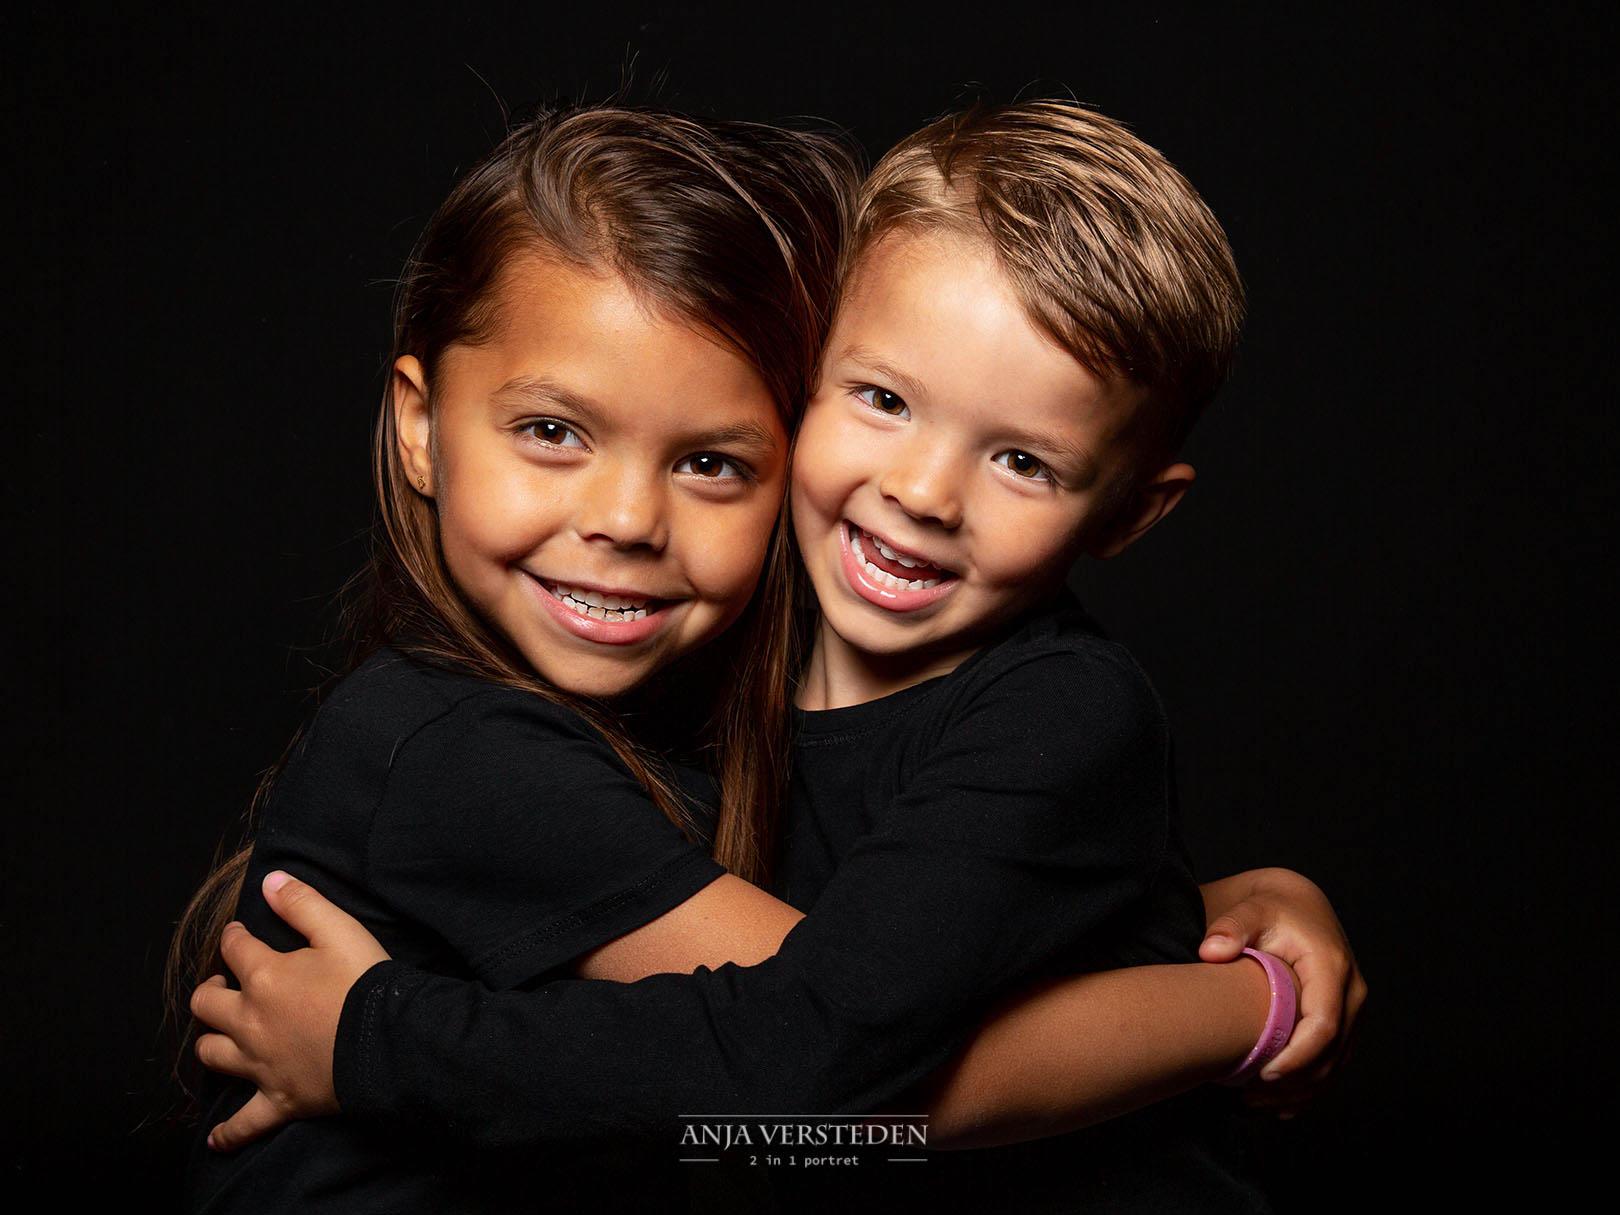 kids photography Anja Versteden